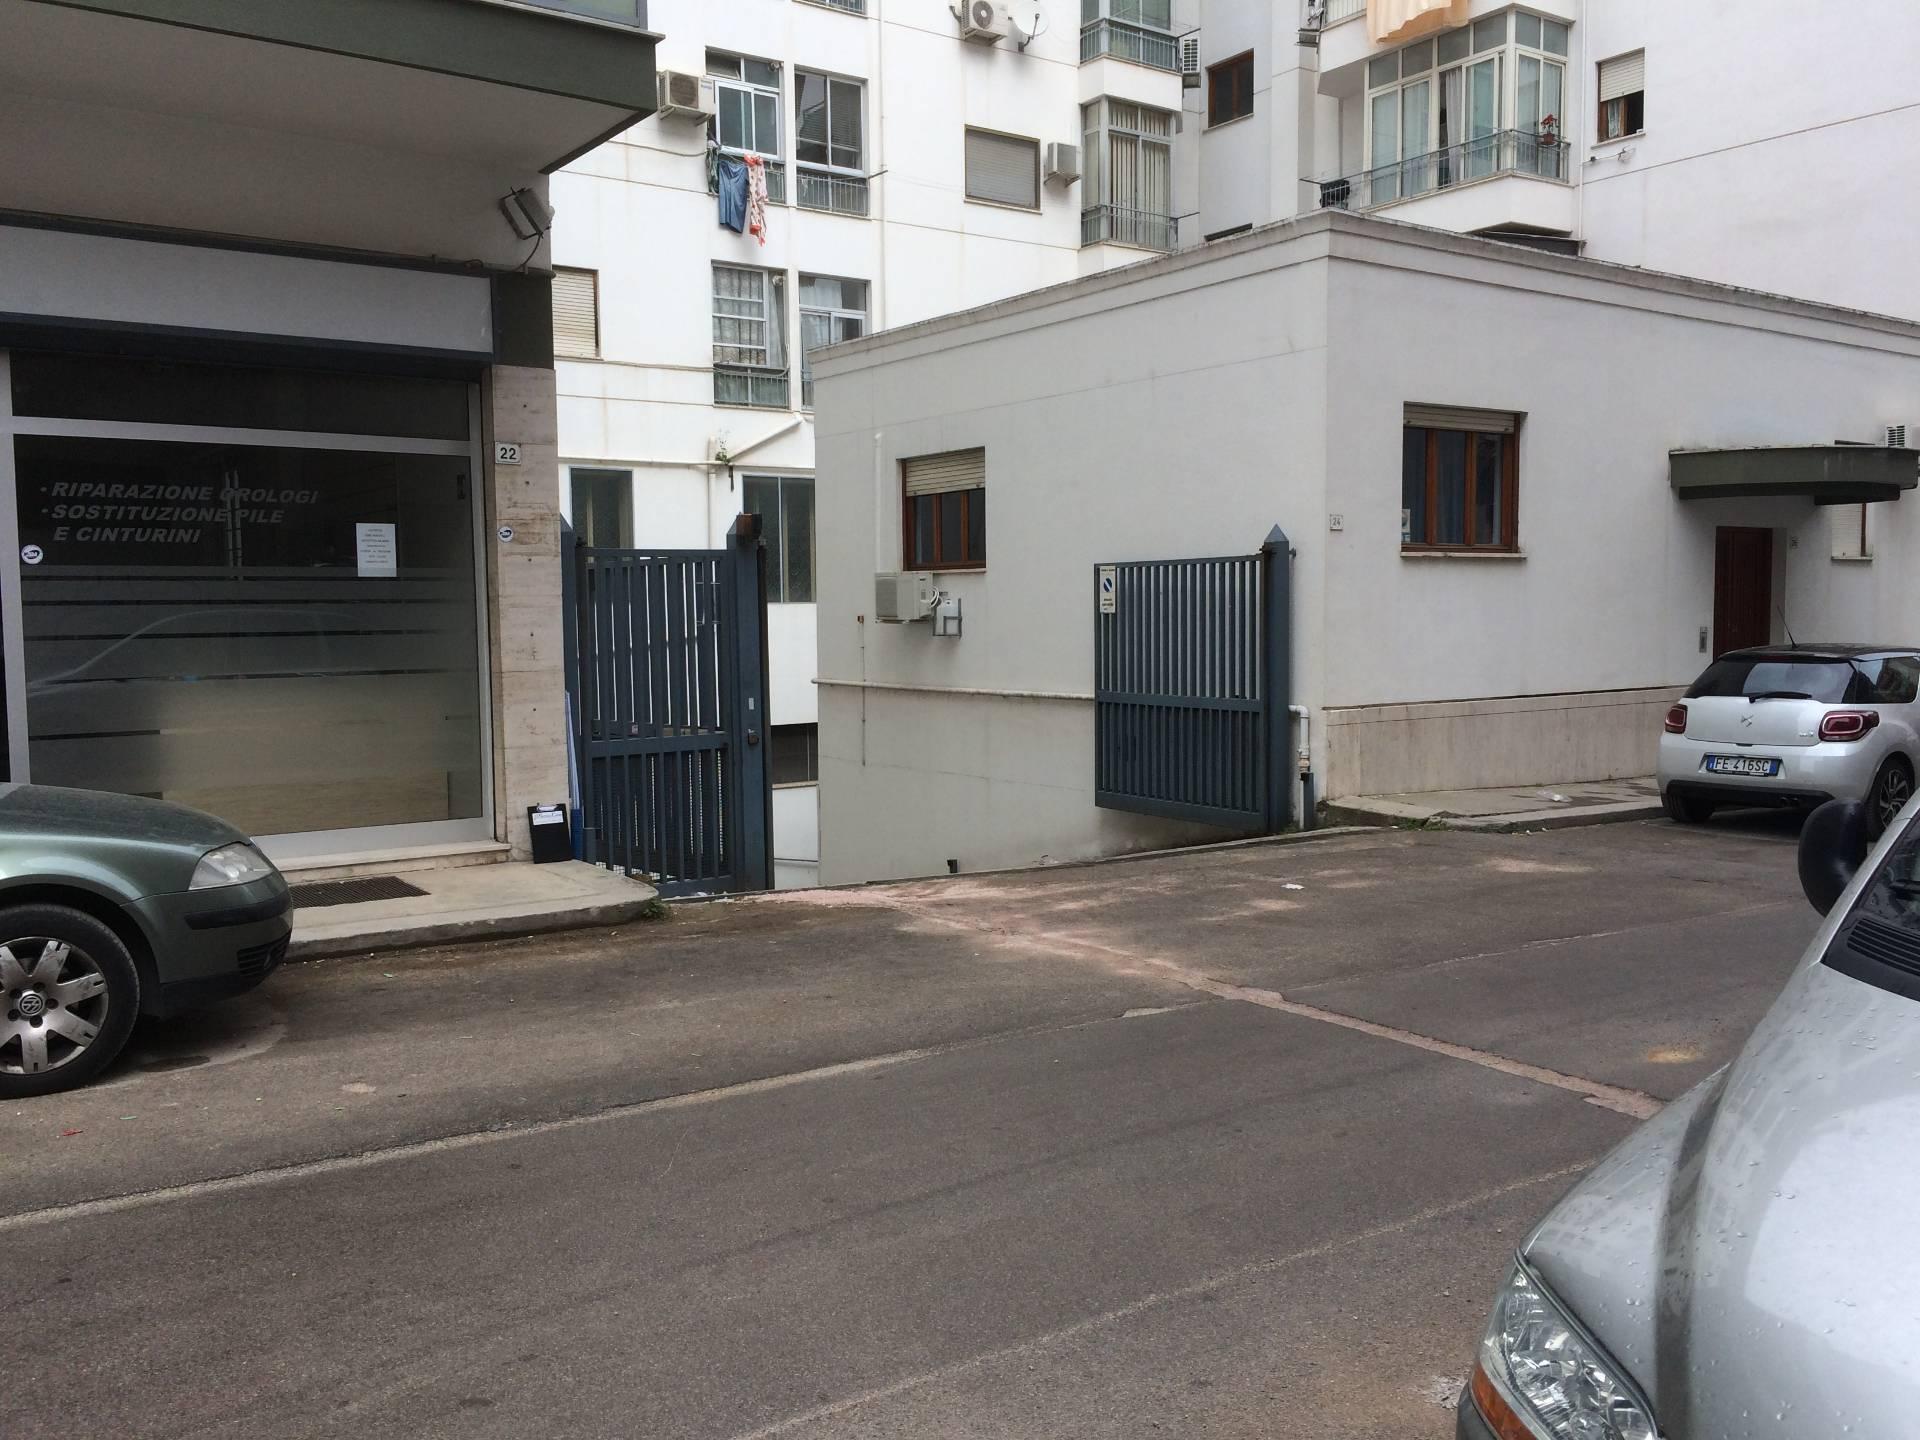 Box / Garage in vendita a Palermo, 1 locali, zona Zona: Calatafimi, prezzo € 28.000 | Cambio Casa.it